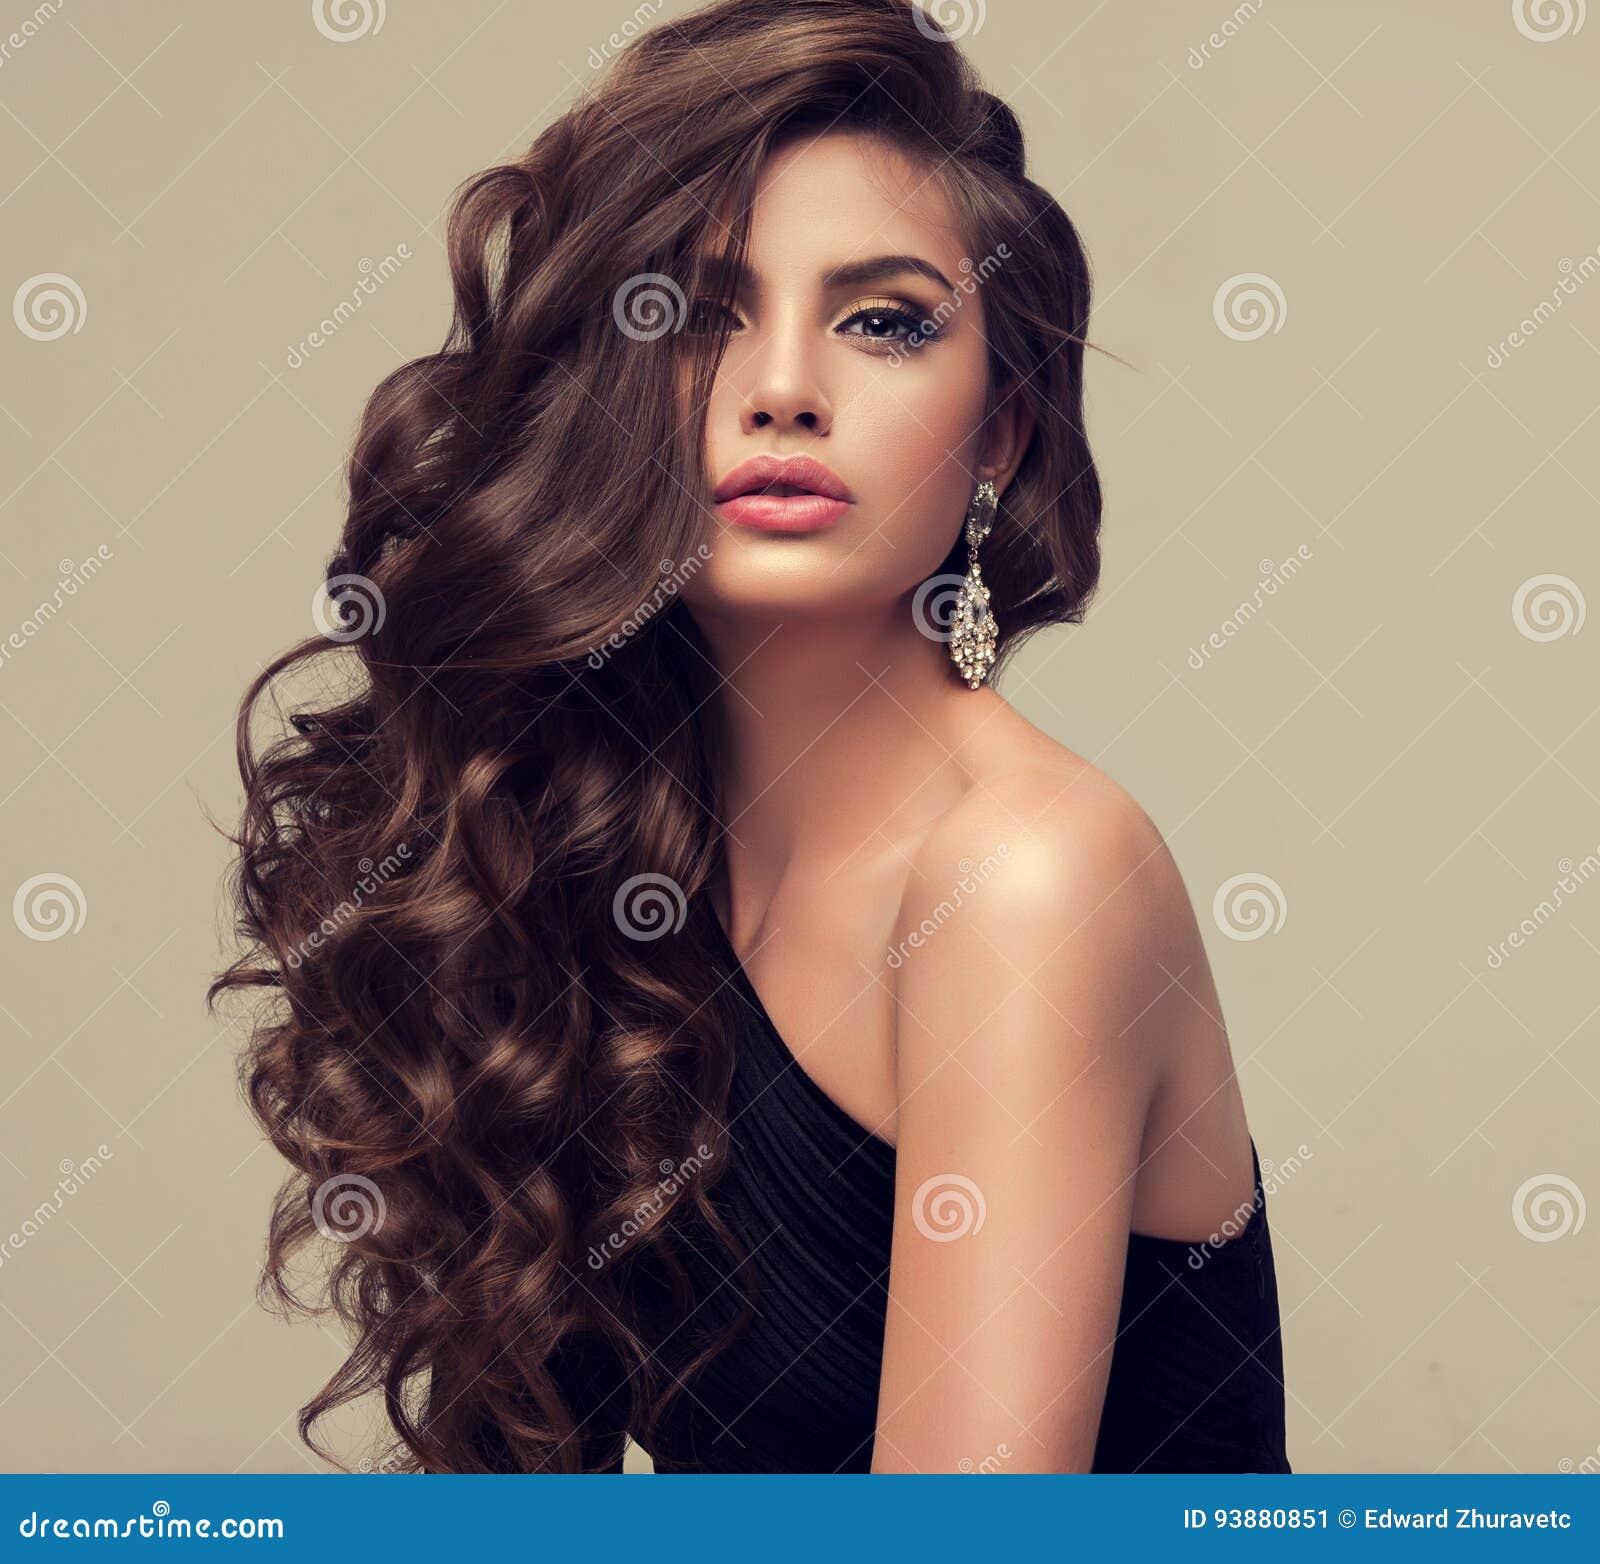 Härlig modell med den länge, täta och lockiga frisyren